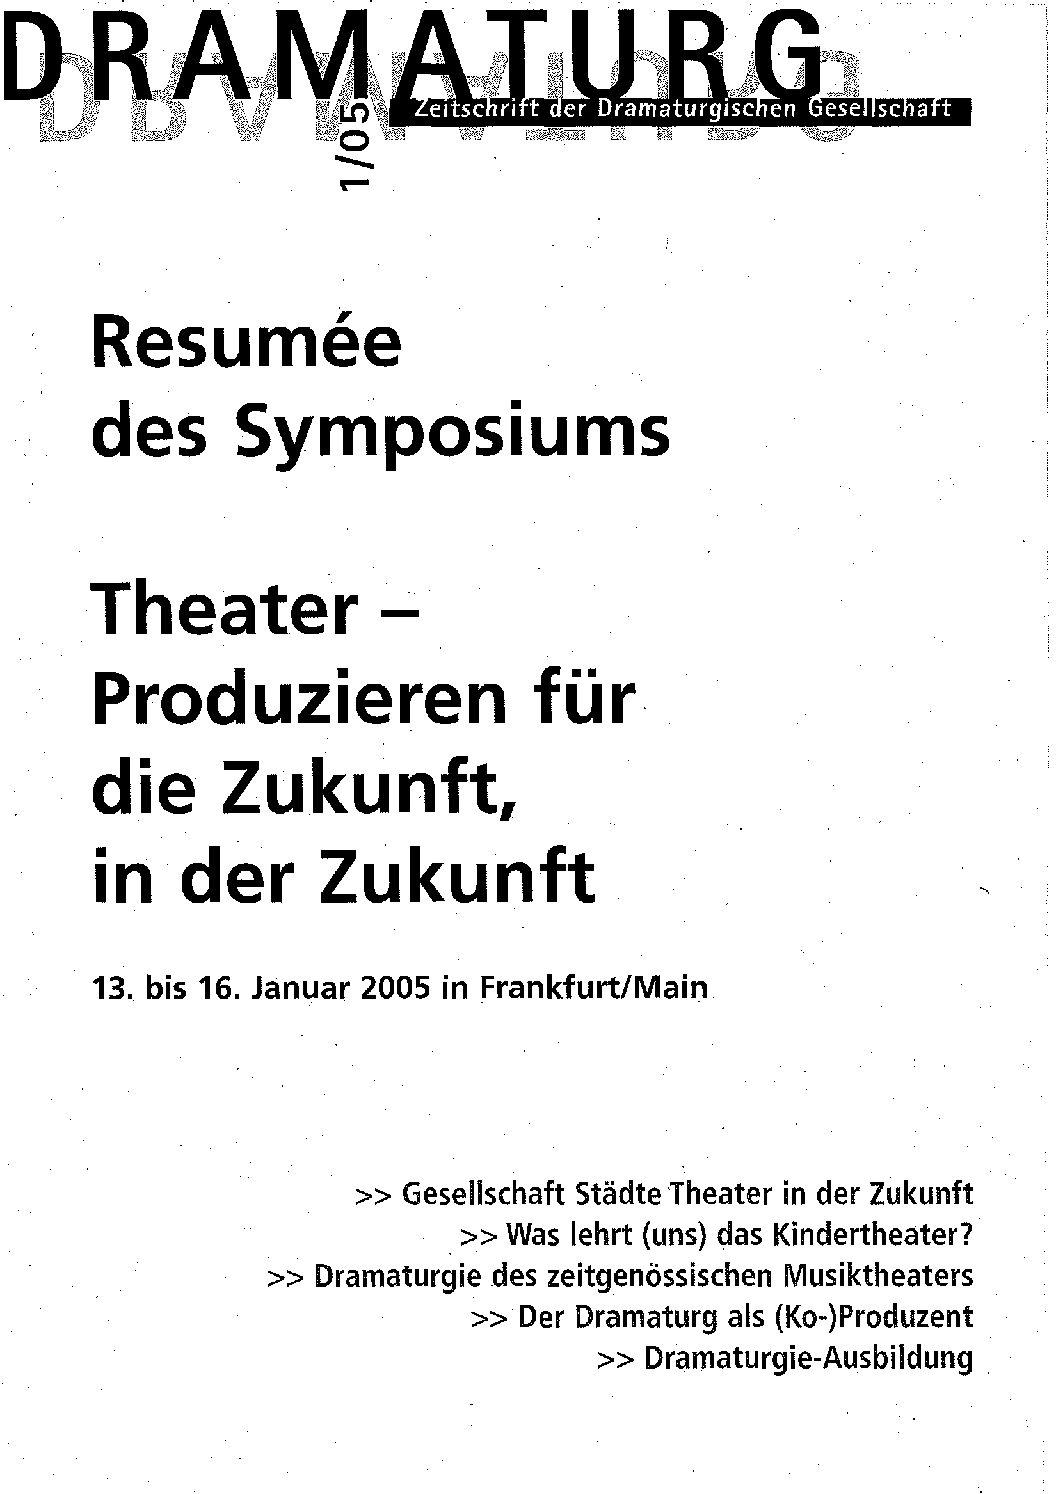 Thumbnail zum PDF: Dramaturgie 2005/1<br /> Theater-Produzieren für die Zukunft, in der Zukunft<br />